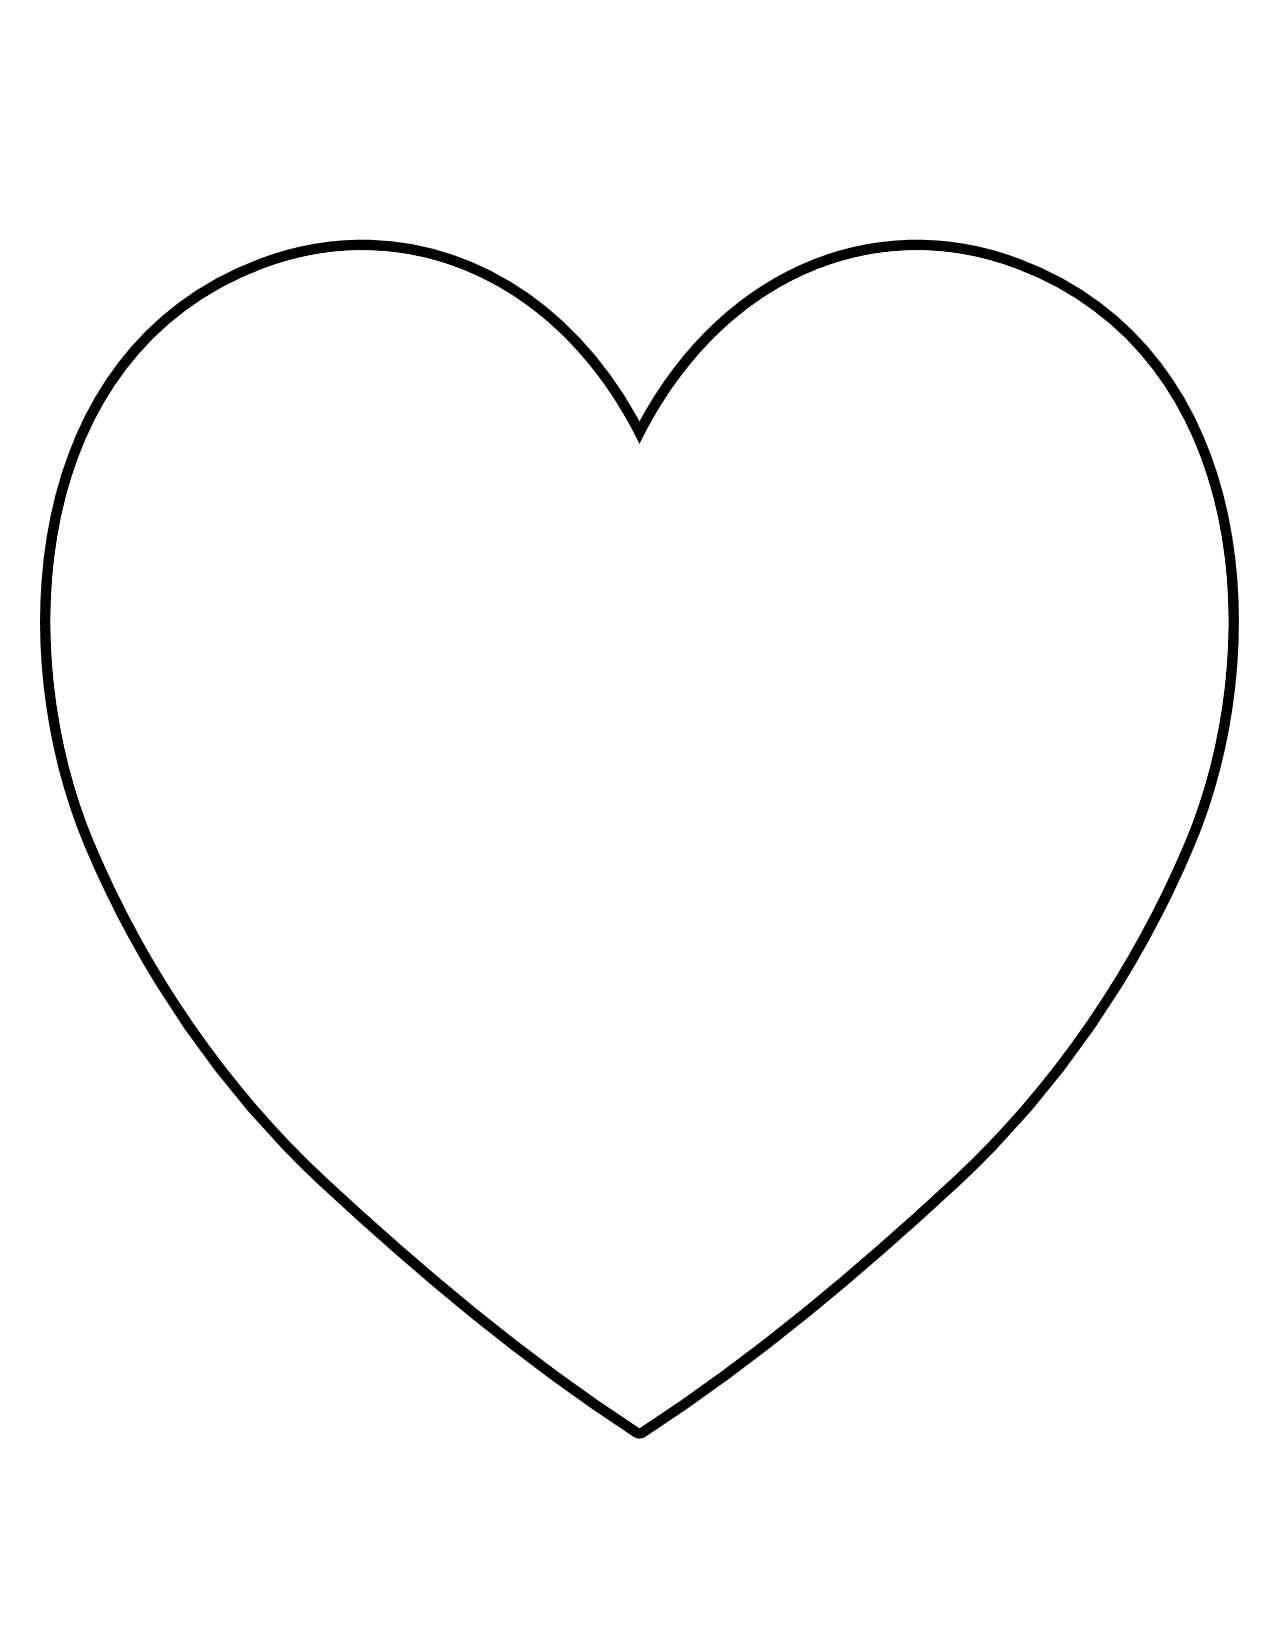 clip art heart template - photo #39